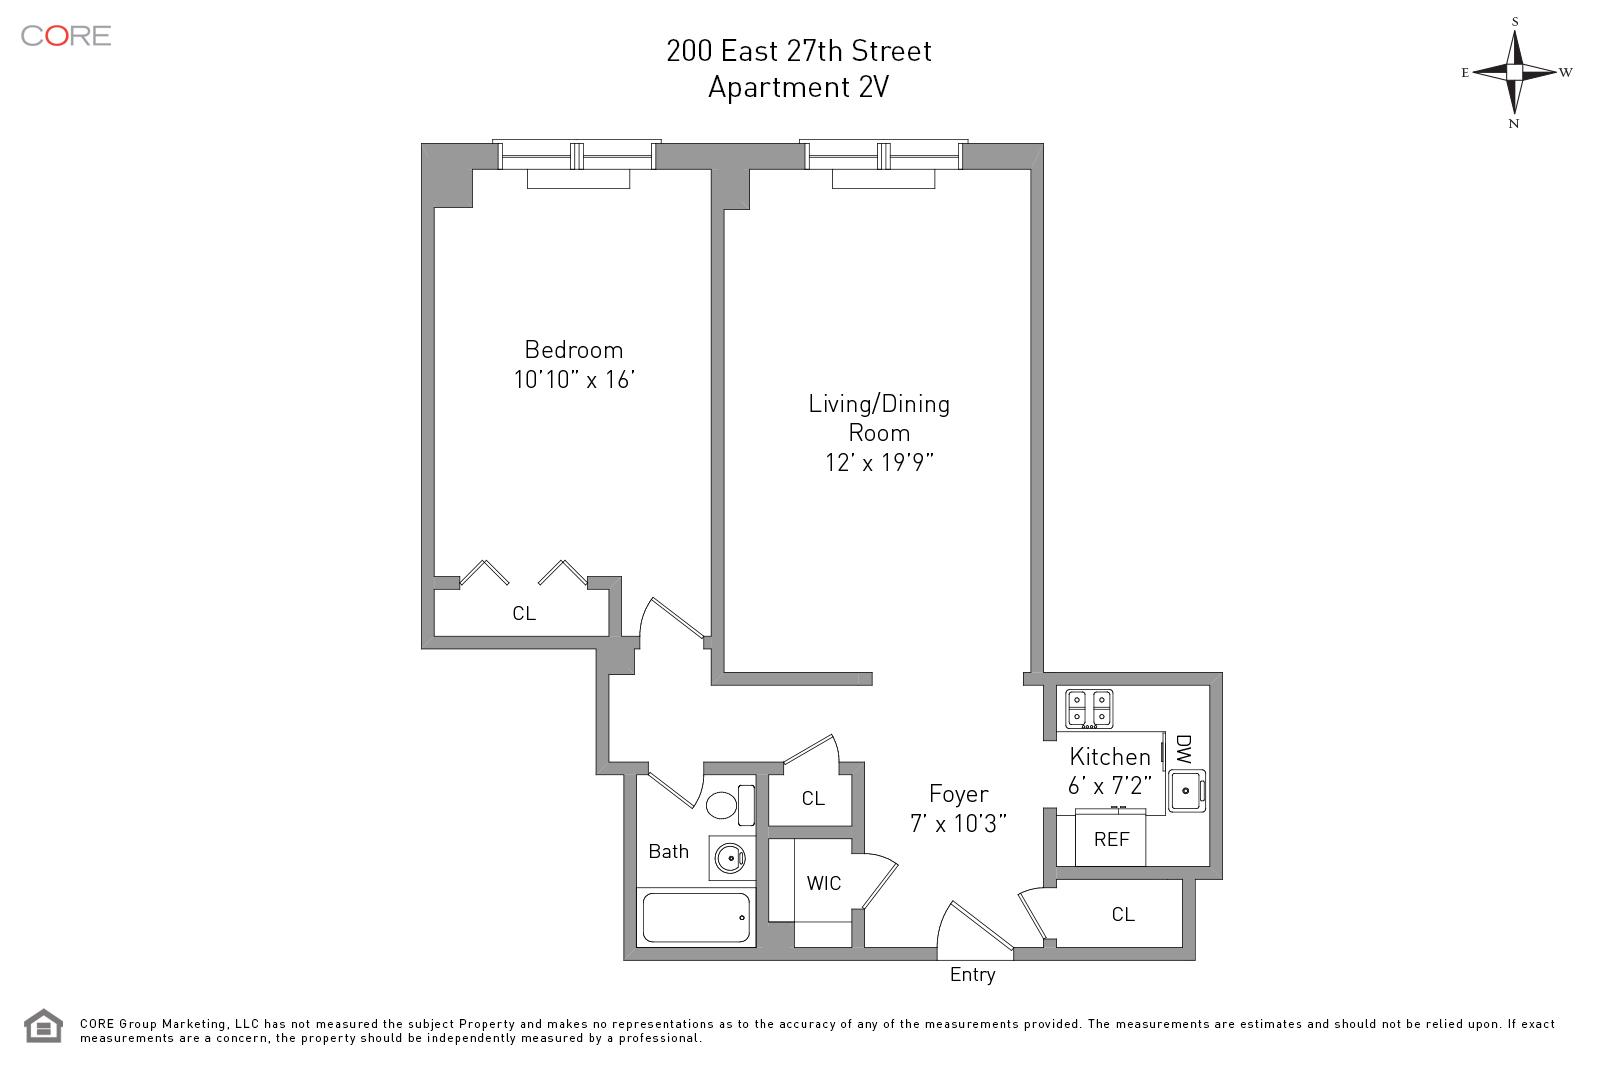 200 East 27th St. 2V, New York, NY 10016